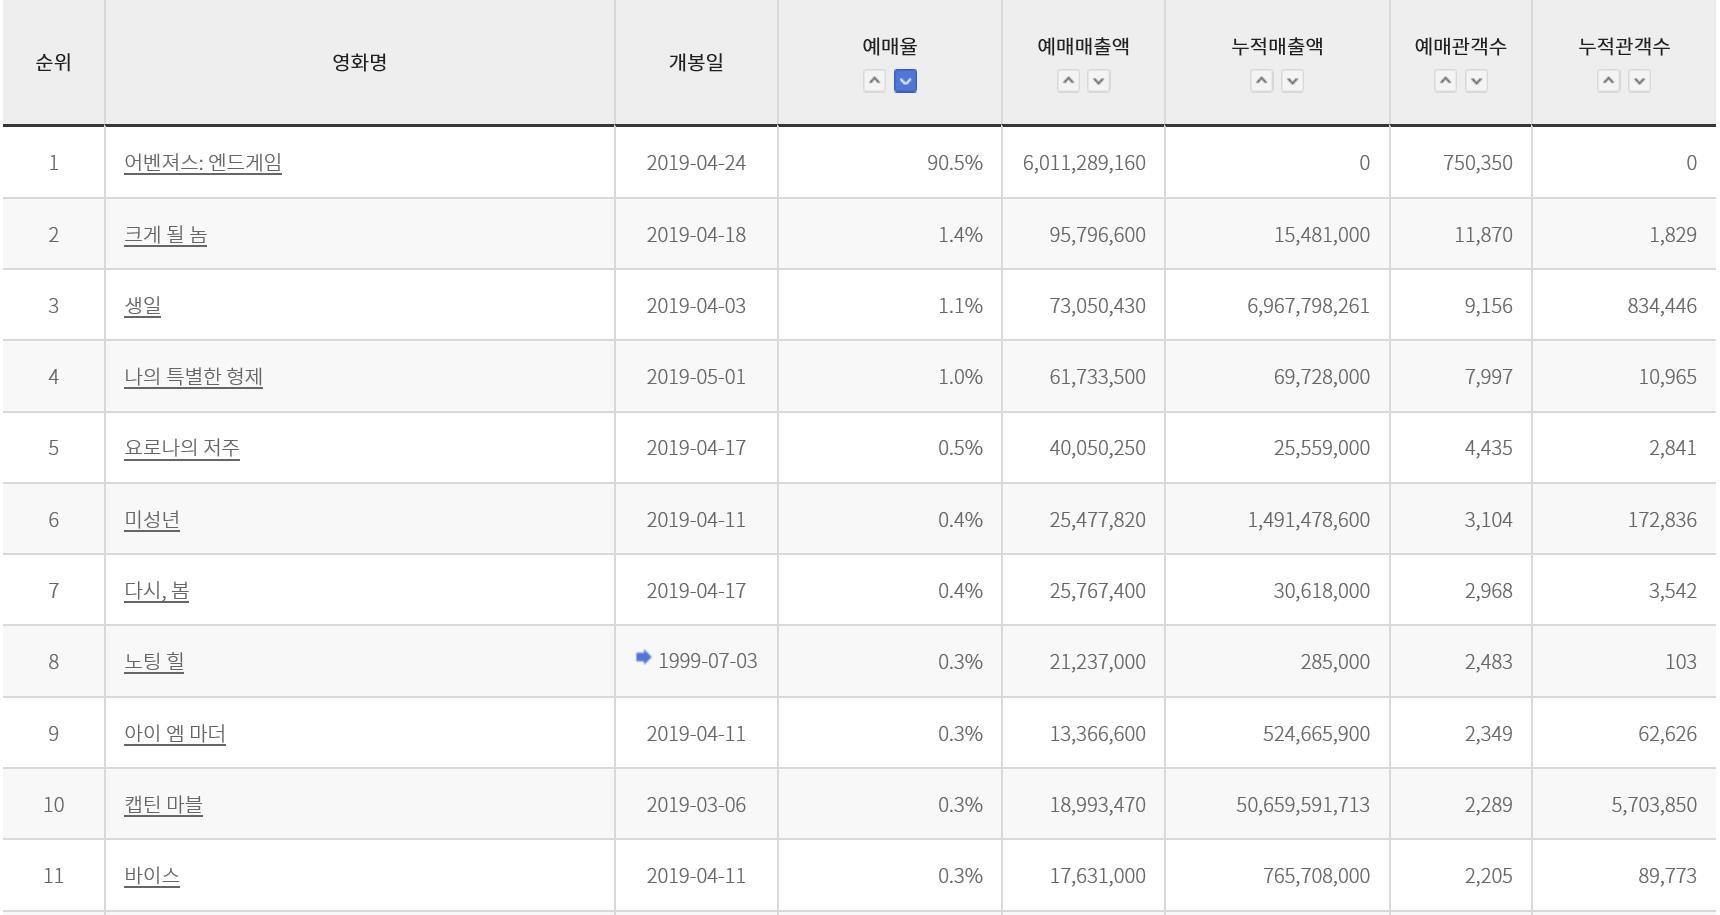 Mở đặt vé online Avengers: Endgame, website của nhà phát hành xứ Hàn sập chỉ sau một giờ - Ảnh 2.